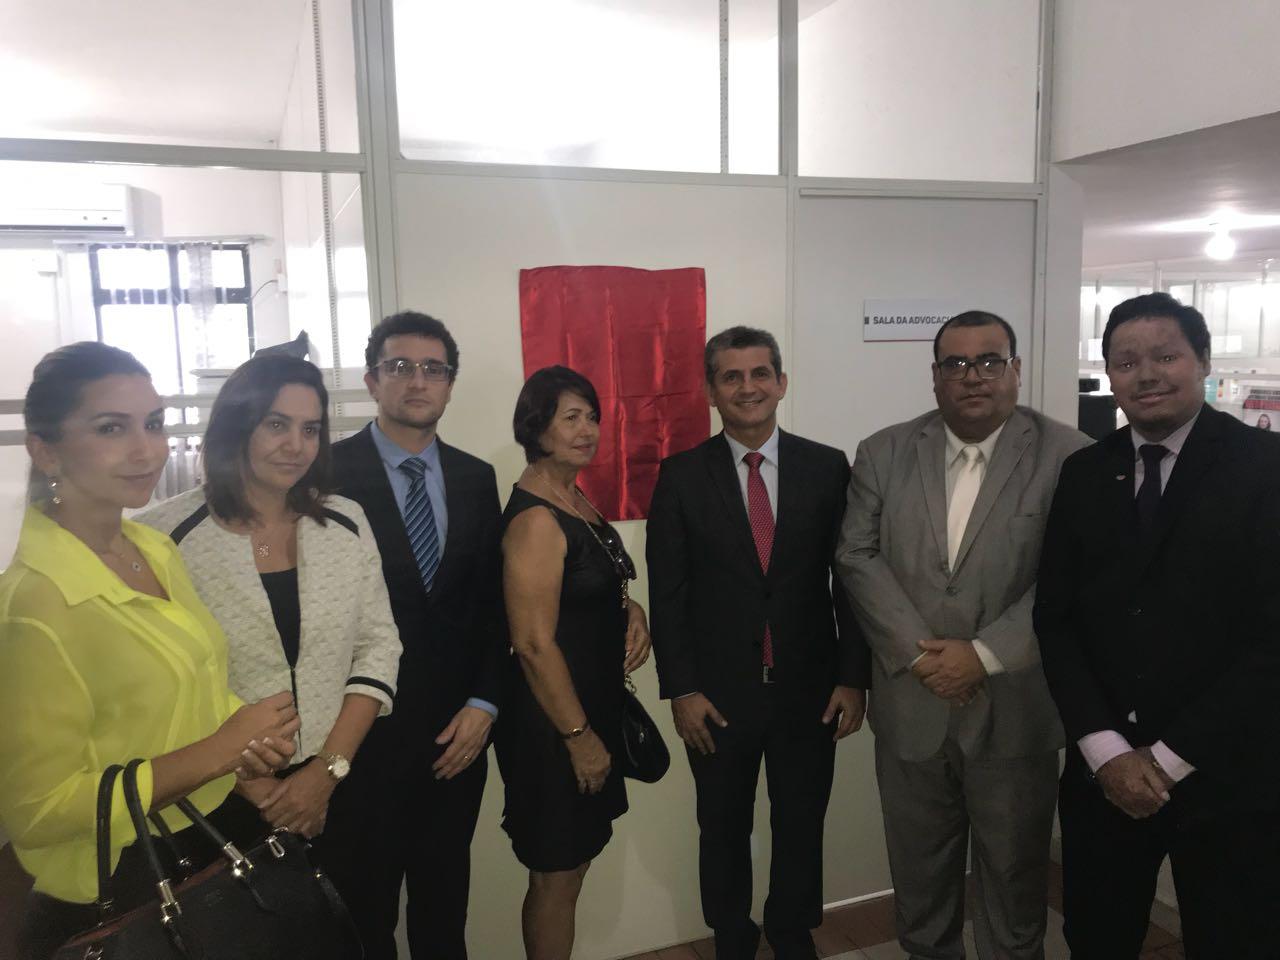 OAB-PB atende pleito de advogados do Vale do Paraíba e inaugura Sala Advocacia no fórum de Itabaiana